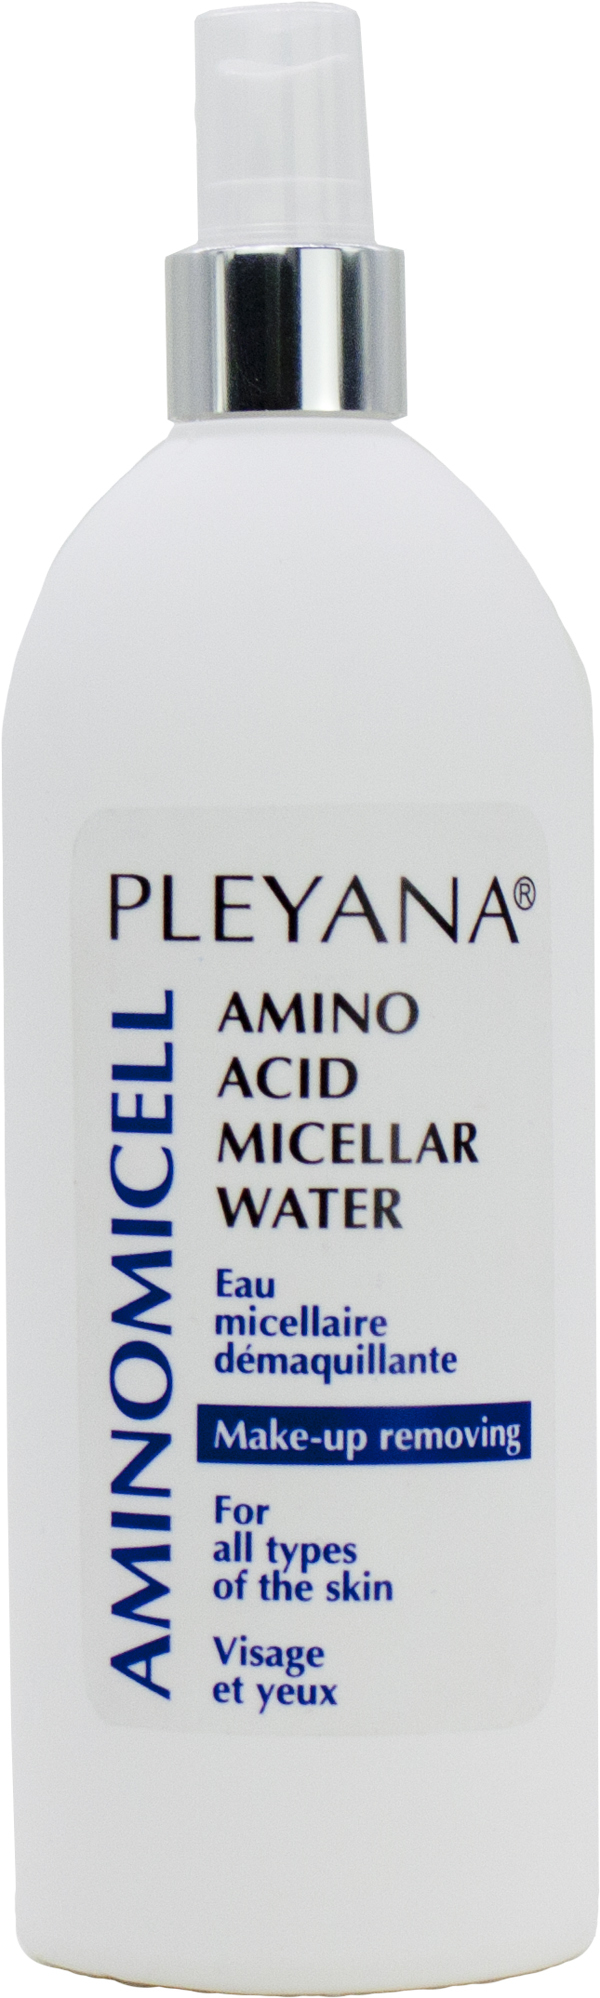 Аминокислотная мицеллярная вода 500 мл